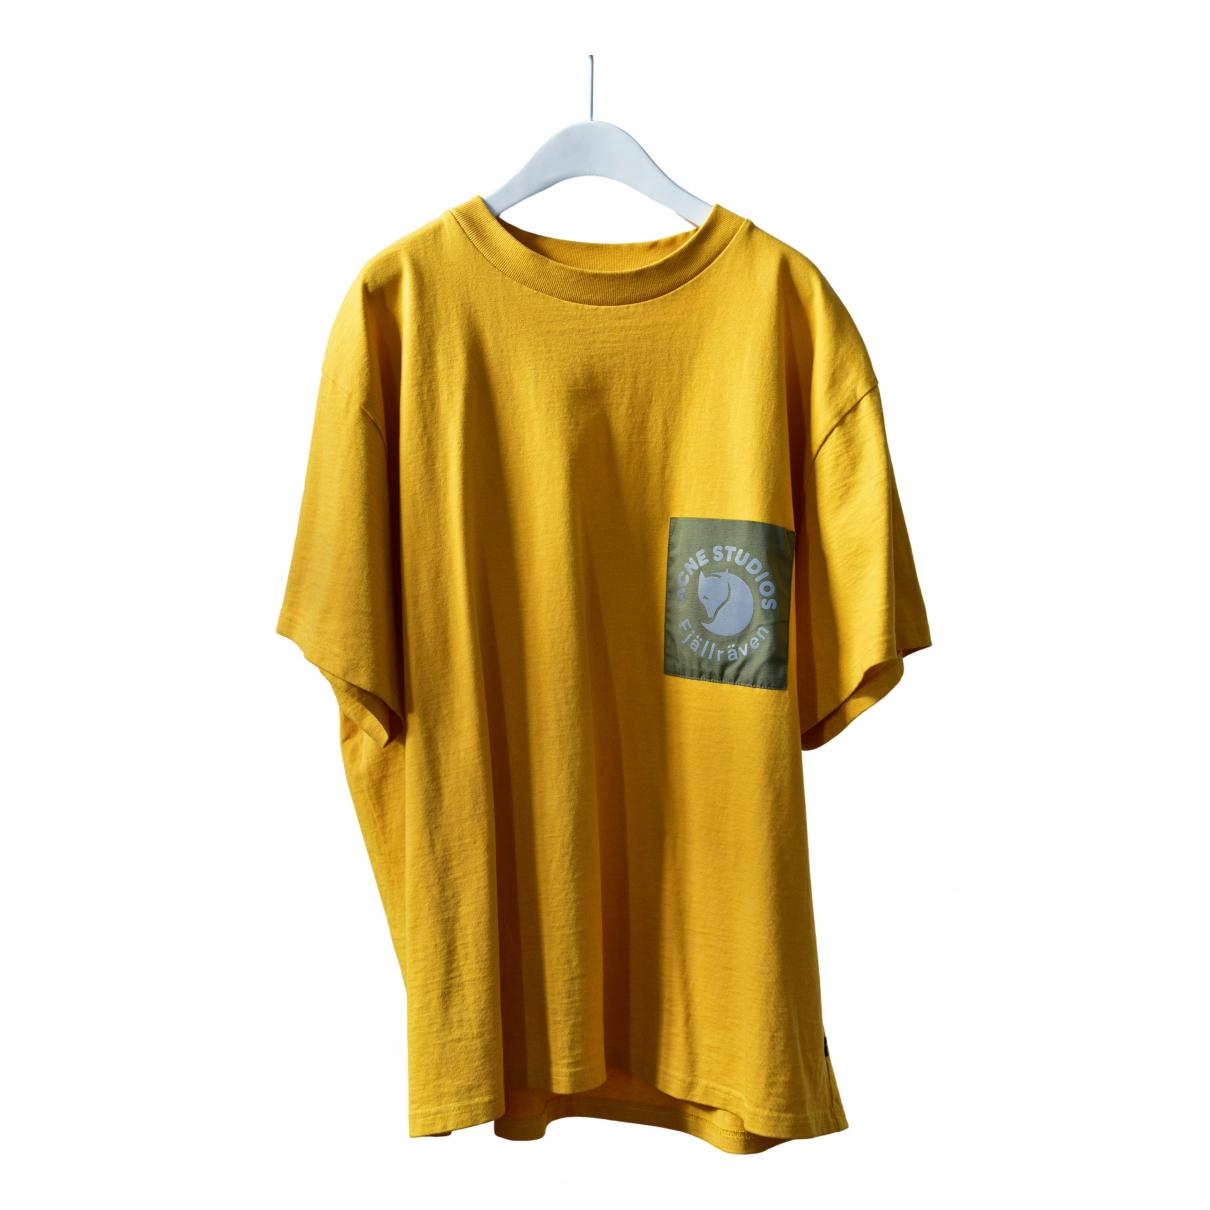 Acne Studios - Tee shirts   pour homme en coton - jaune